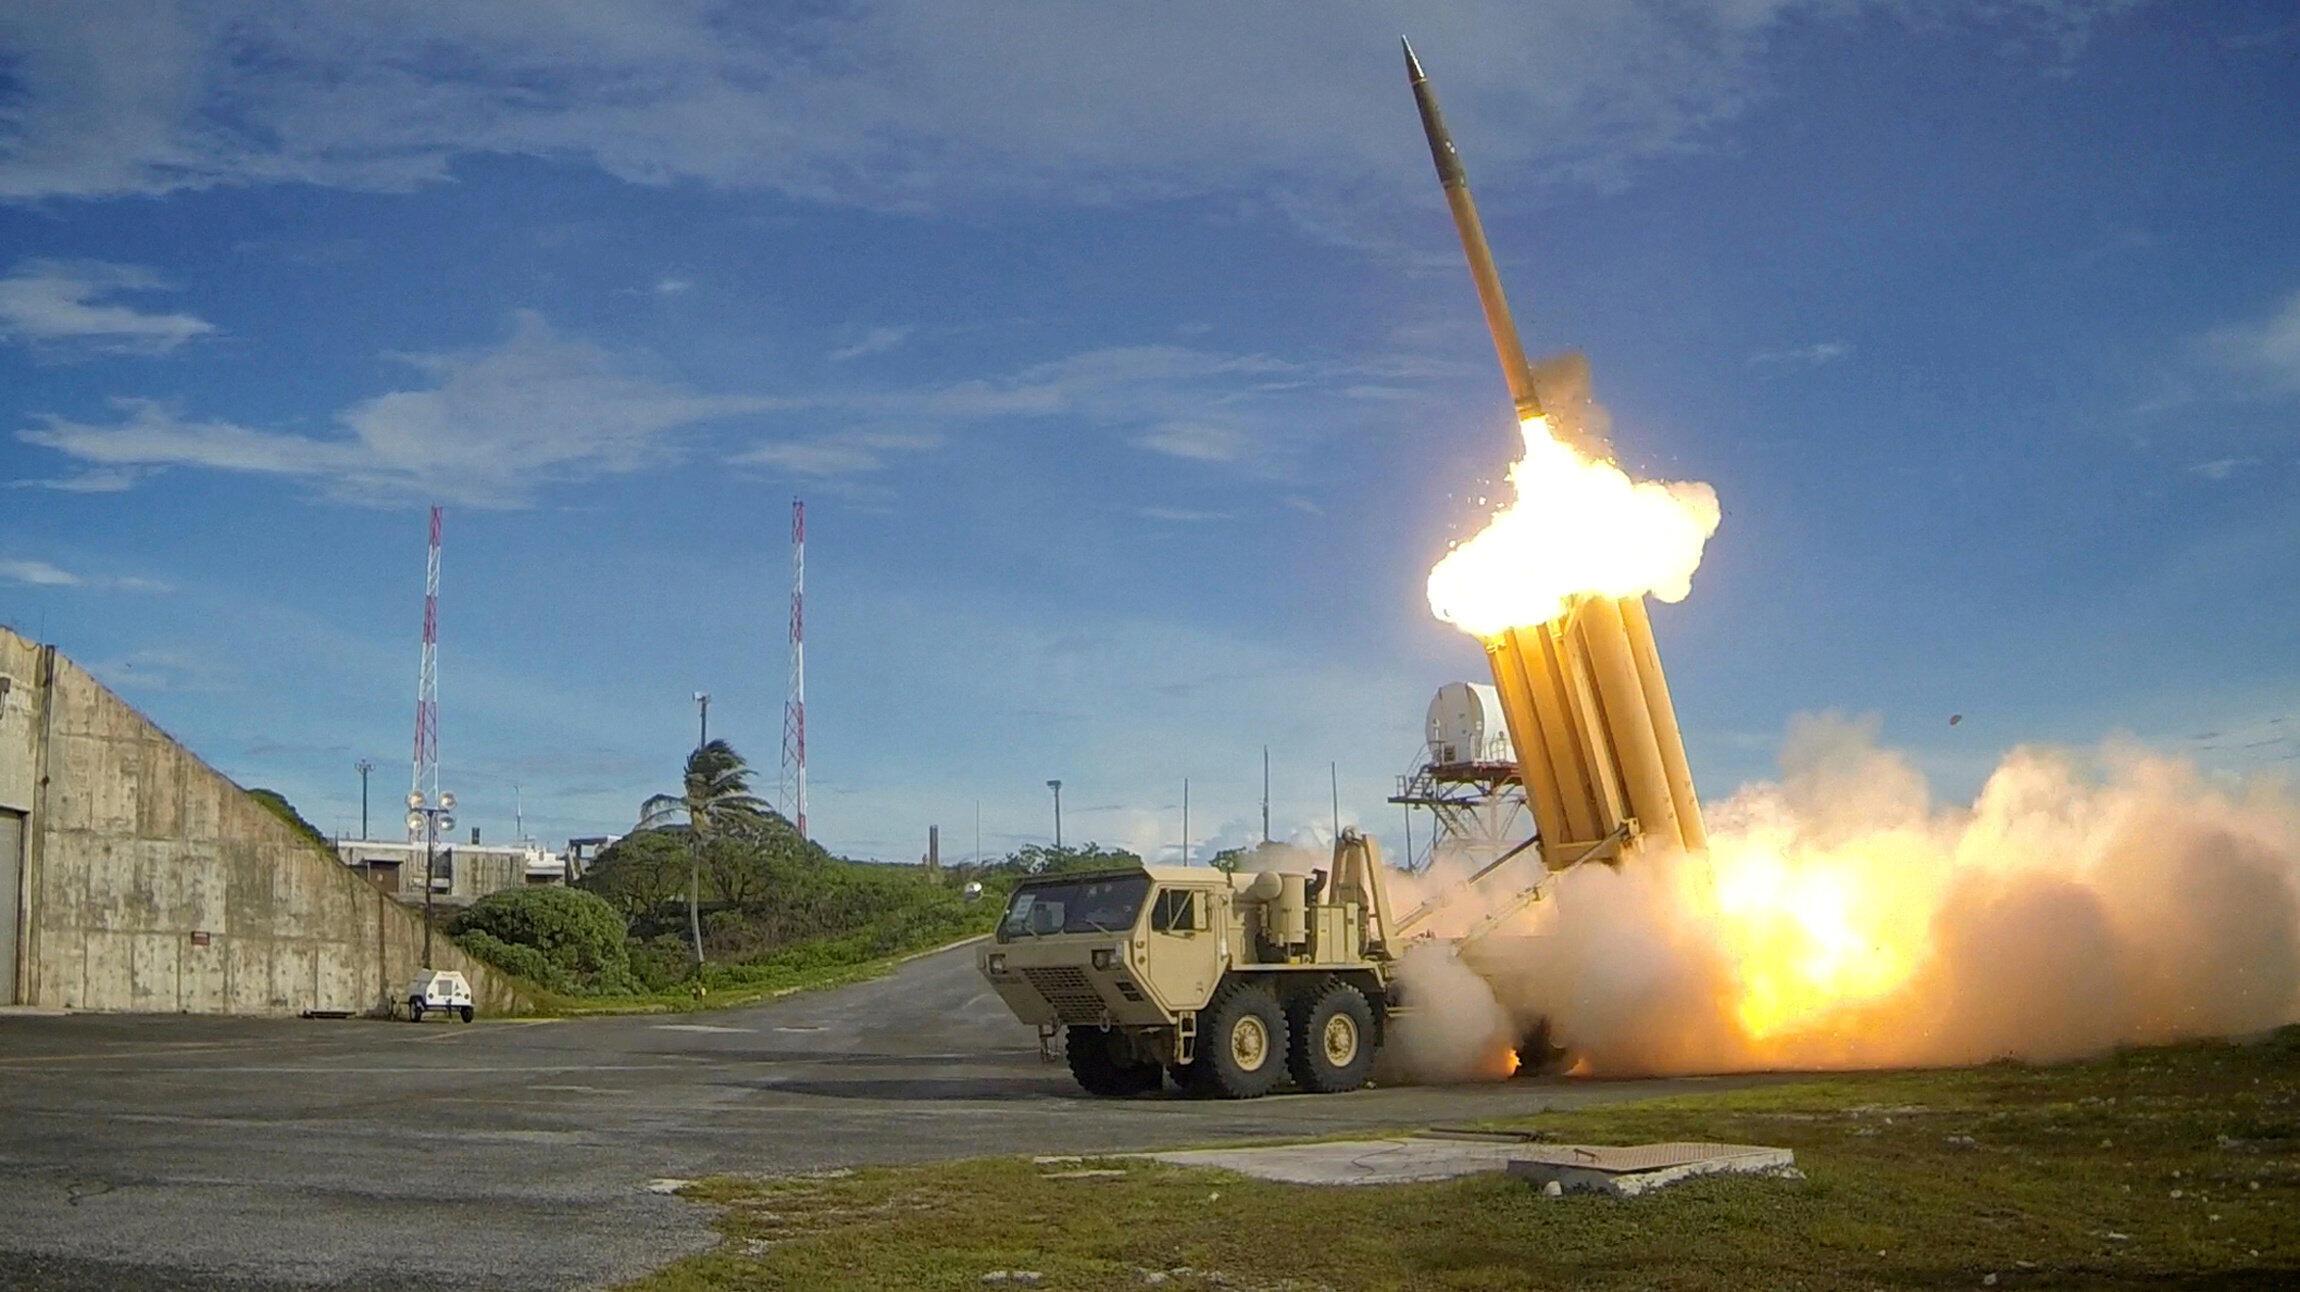 Комплекс THAAD (Terminal High Altitude Area Defense) может уничтожать баллистические ракеты малой и средней дальности в радиусе до 200 километров и на высоте до 150 километров.